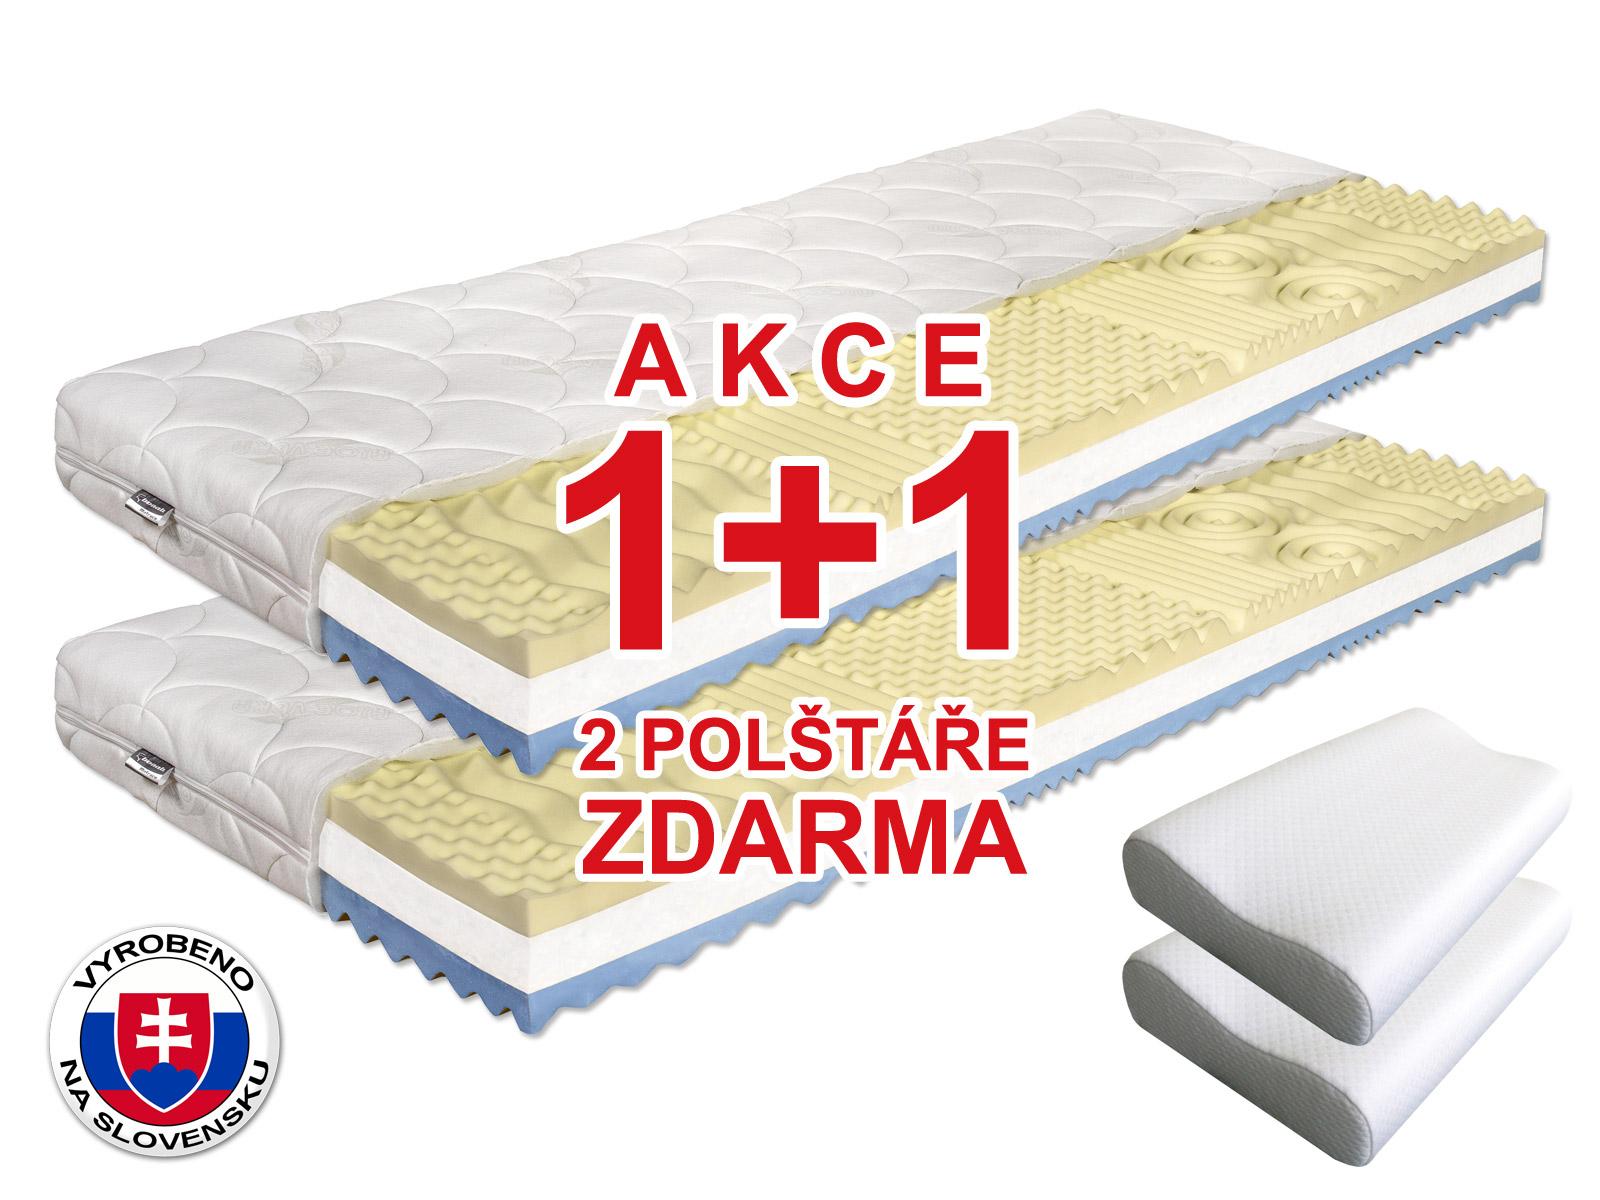 Pěnová matrace - Benab - Visco Plus - 200x80 cm (T3/T4) *AKCE 1+1 + dva polštáře zdarma. Antibakteriální, oboustranná slovenská matrace pro náročné v akci (1 + 1), se 7-zónovou profilací elastické paměťové pěny, s certifikátem OEKO-TEX.